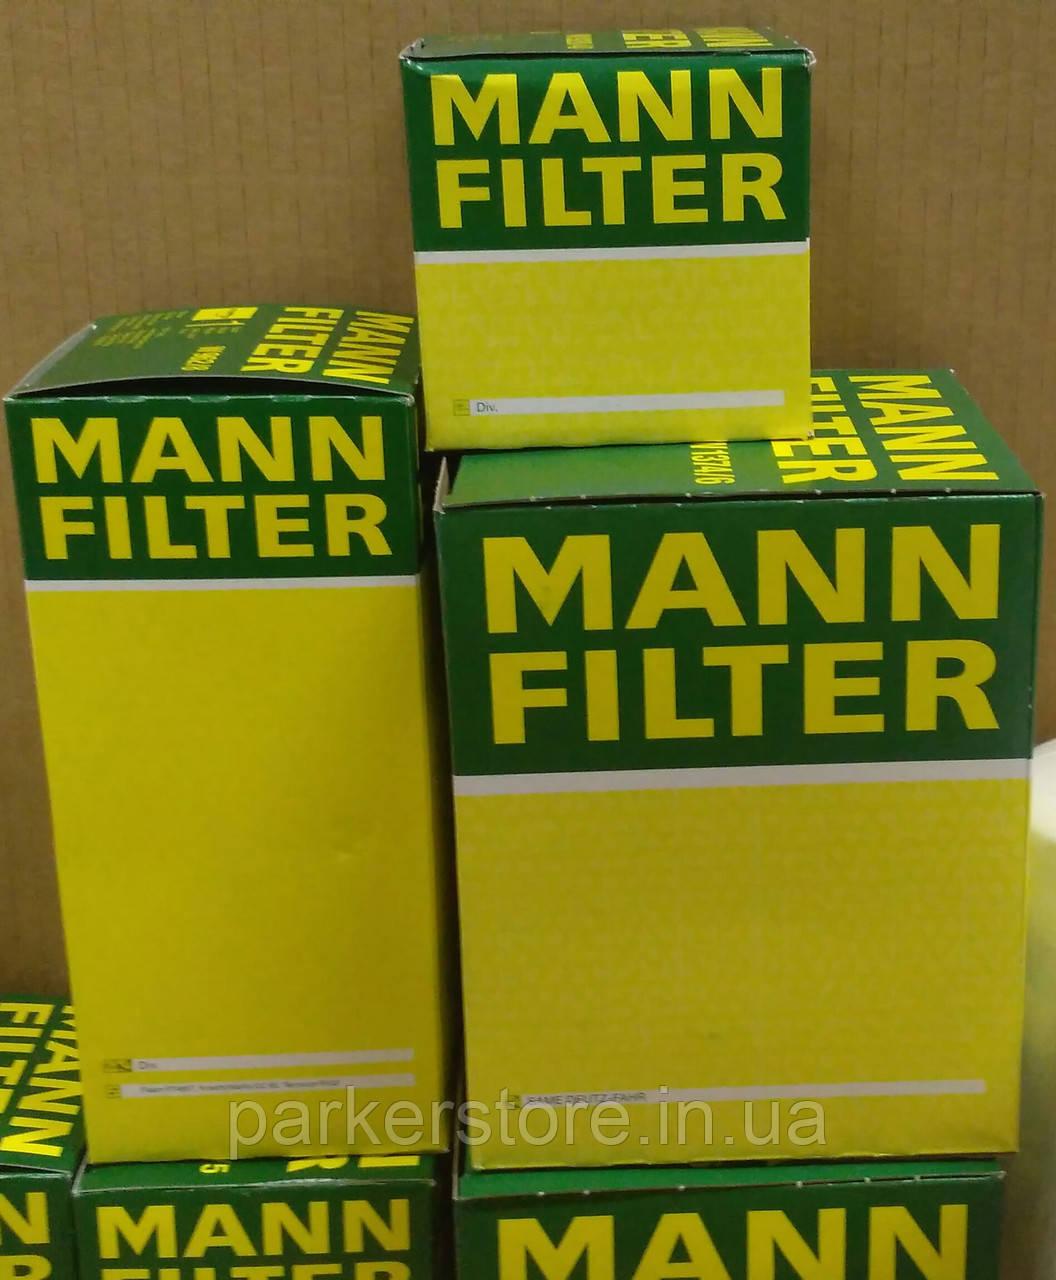 MANN FILTER / Повітряний фільтр / C 1320 / C1320